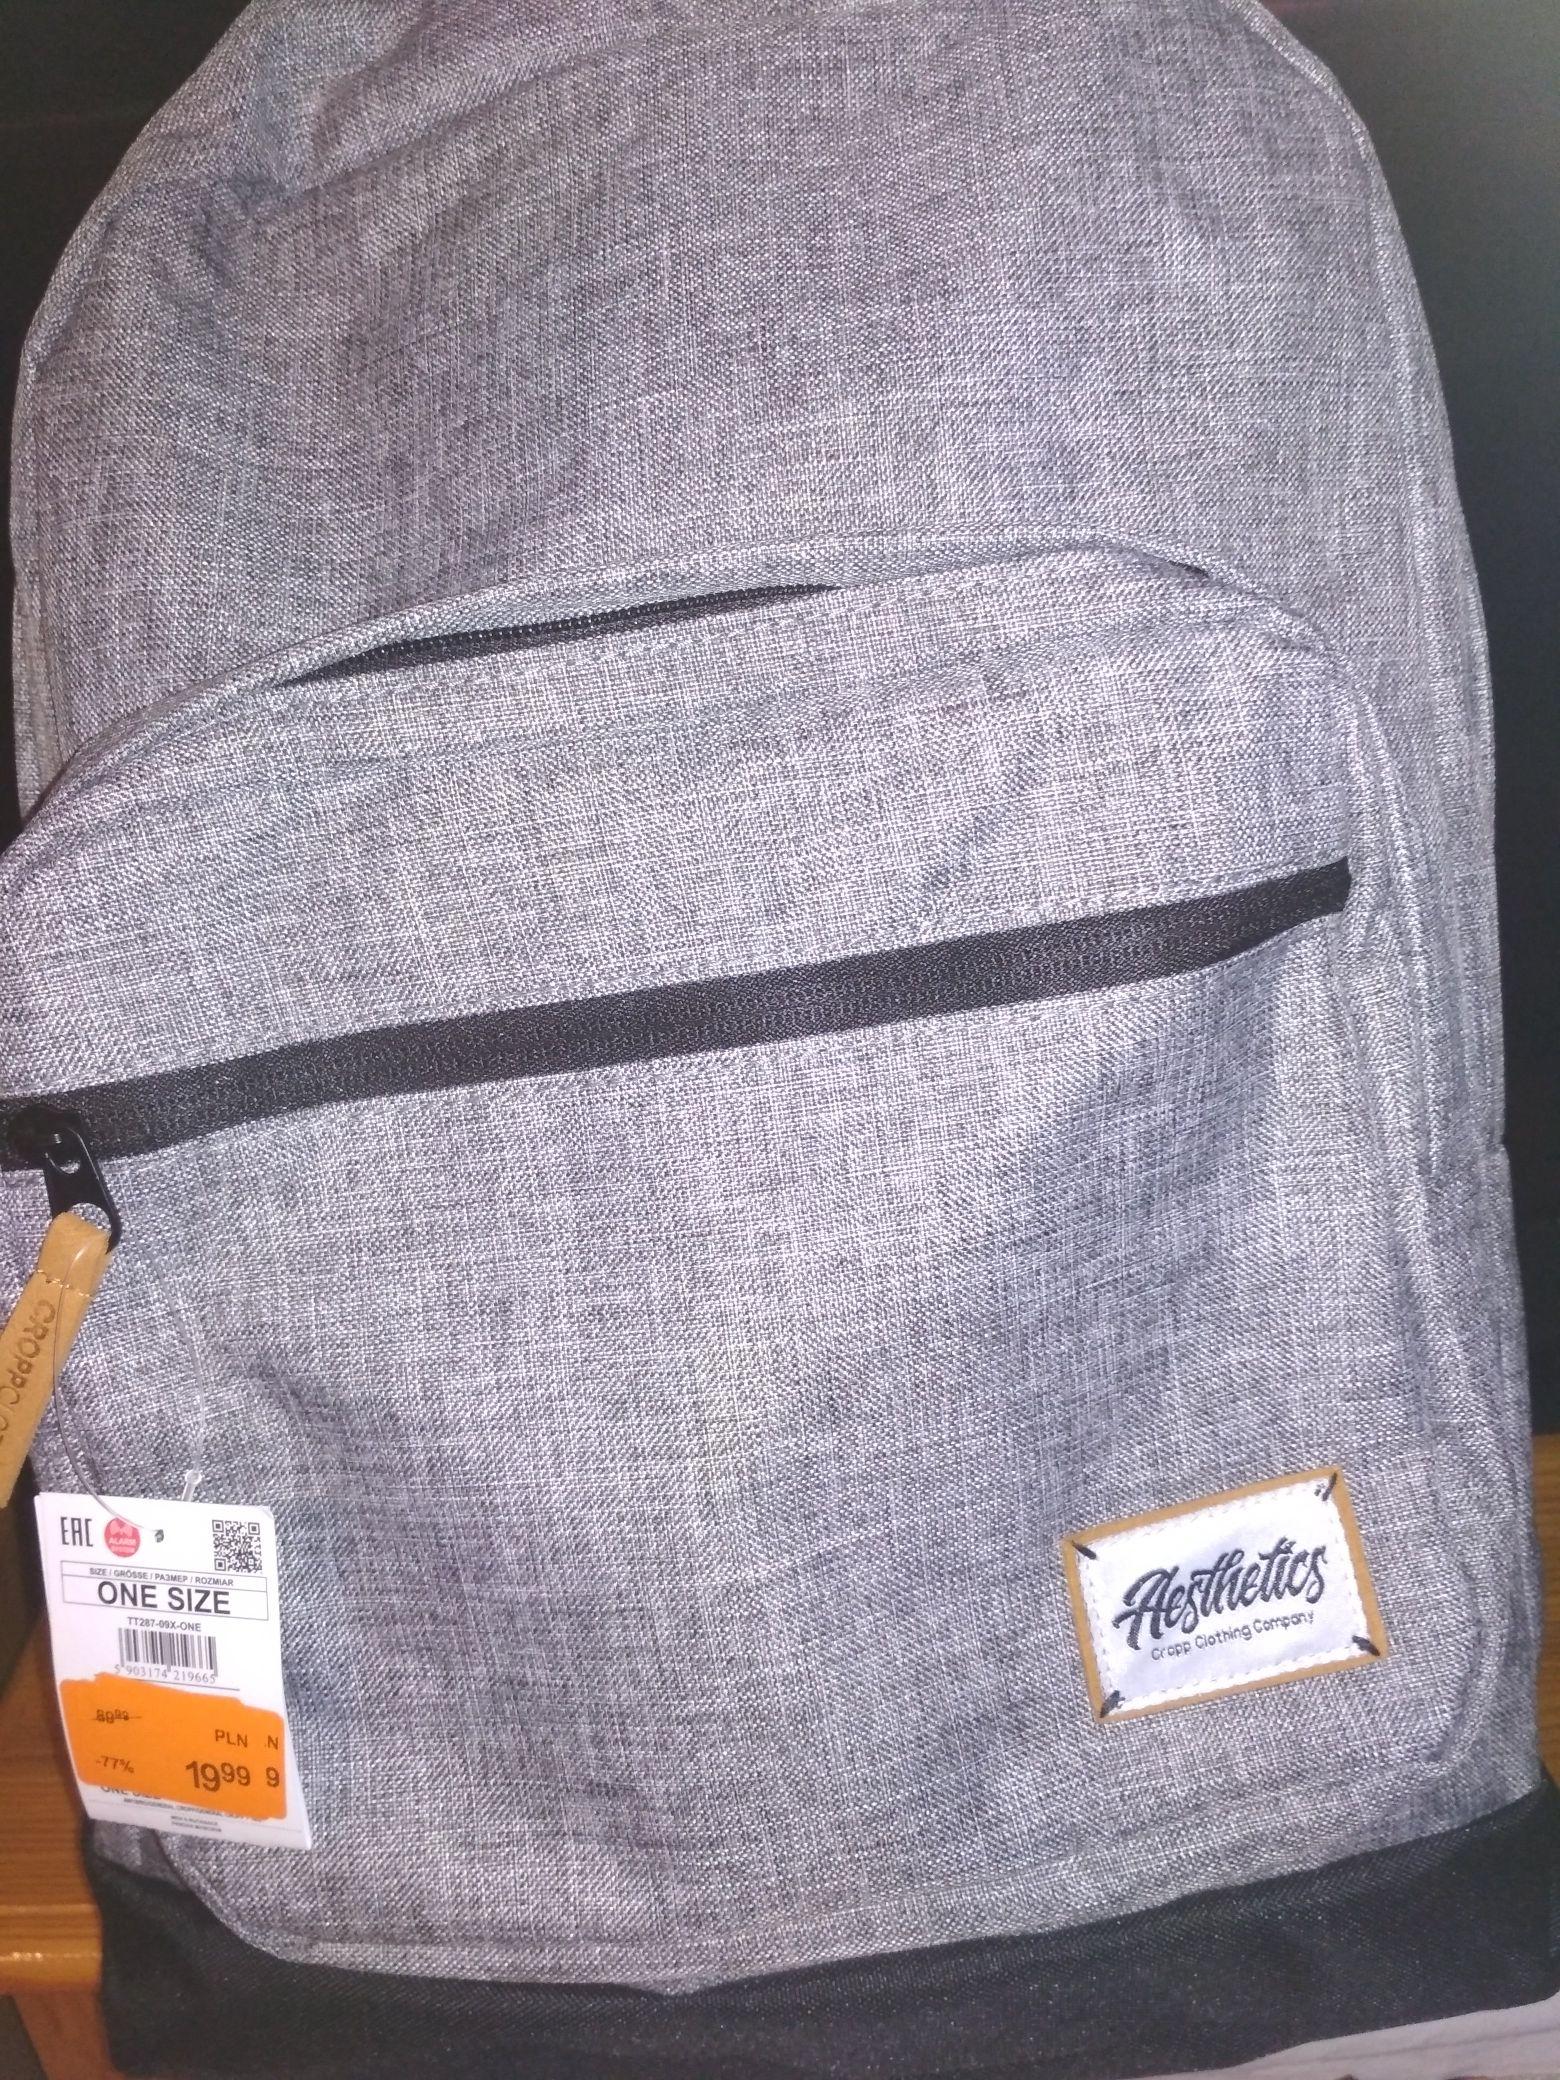 Plecaki na wyprzedazy w Cropp